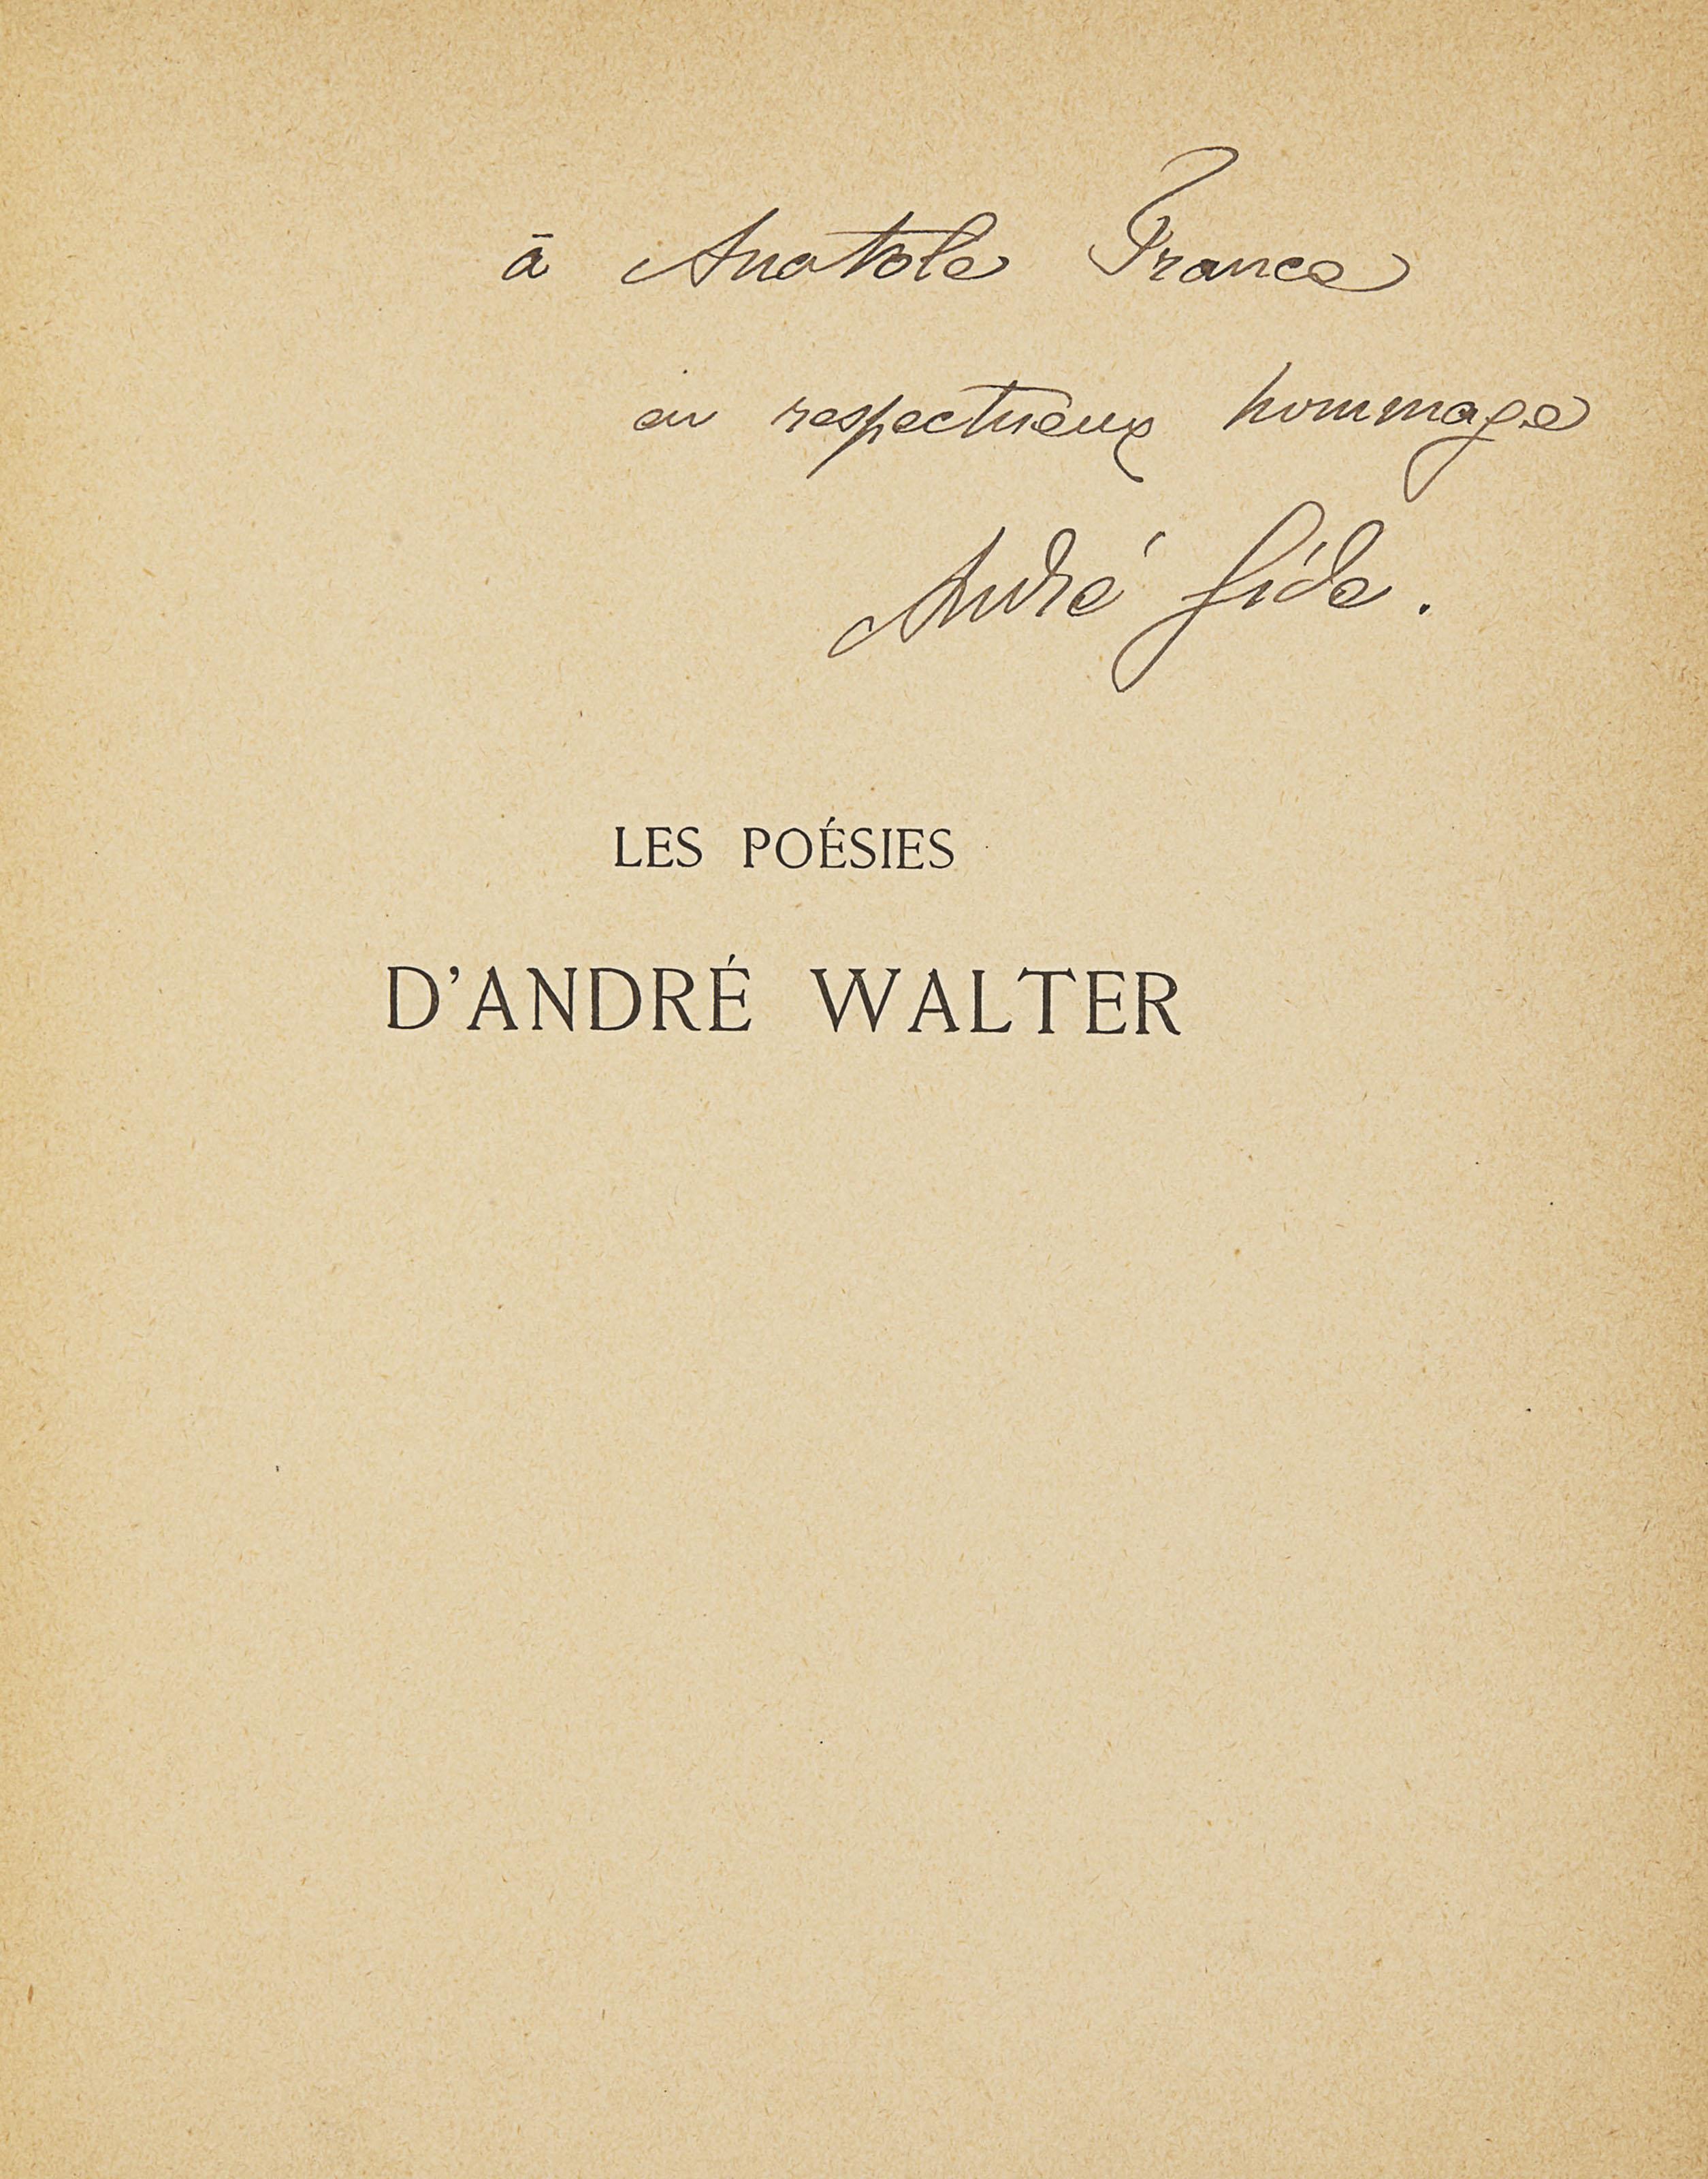 GIDE, André (1869-1951). Les Poésies d'André Walter. Paris : Librairie de l'art indépendant, 1892.